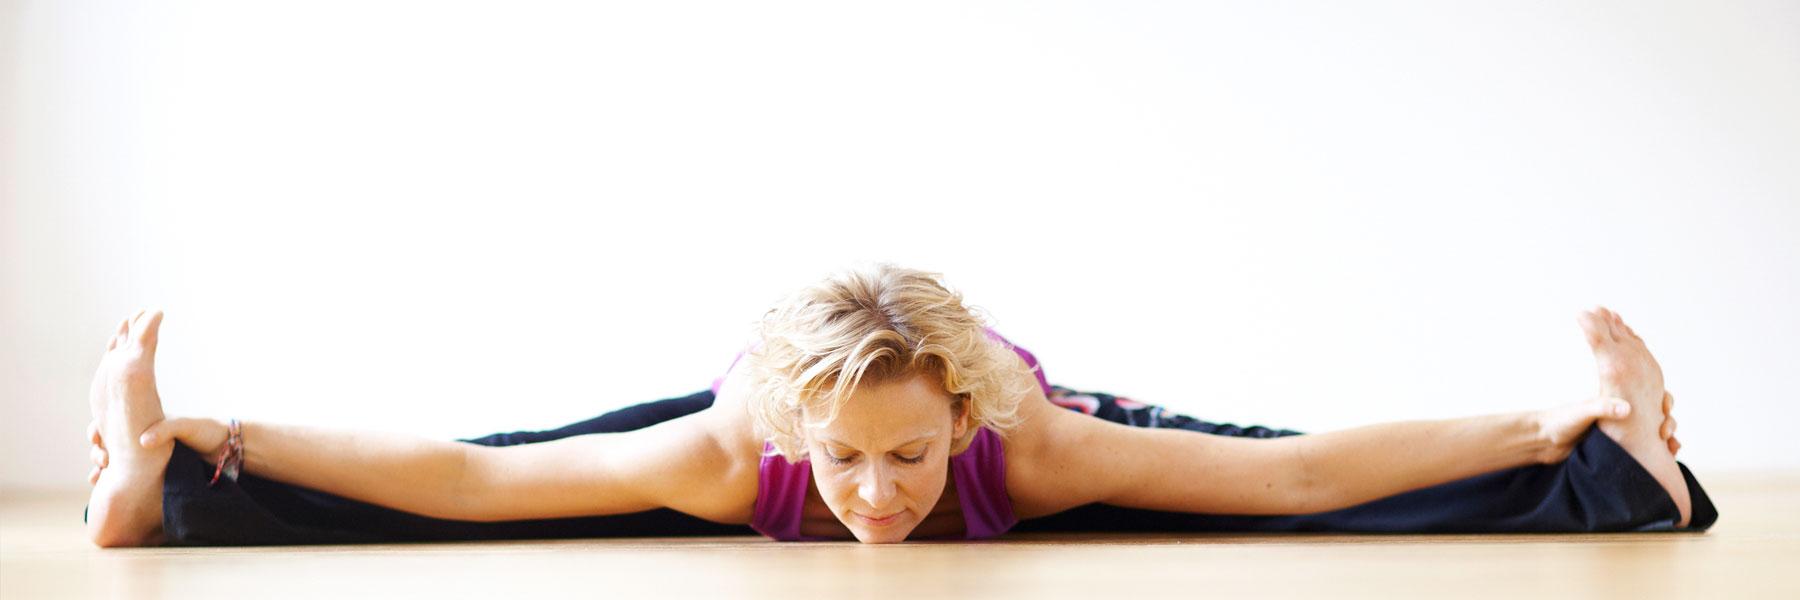 yogakula3_1.jpg